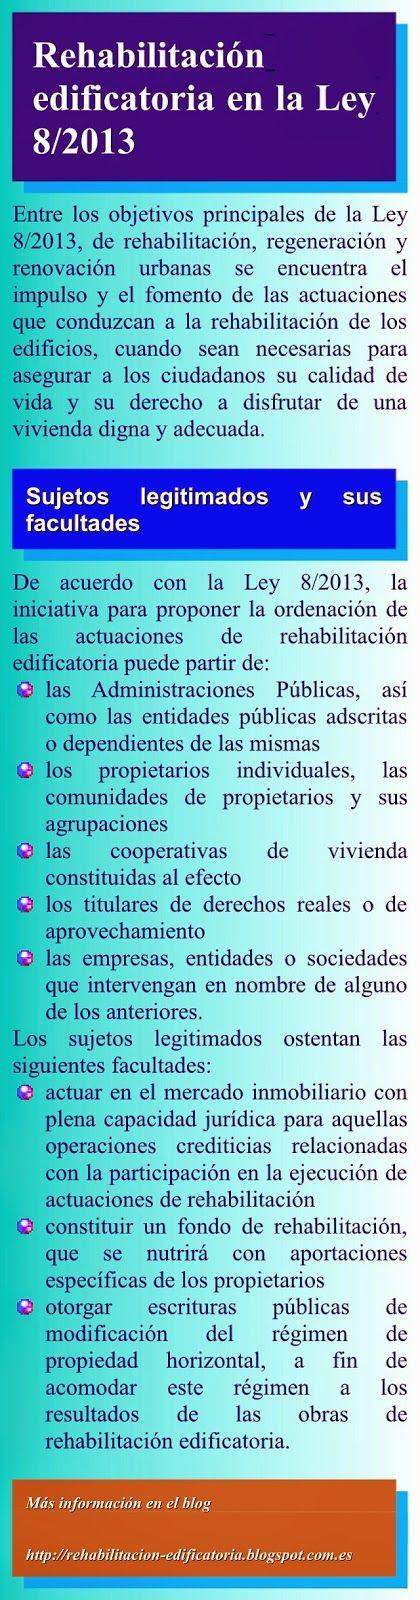 Rehabilitación de edificios: ID01. La Ley 8/2013 y la rehabilitación de edificios